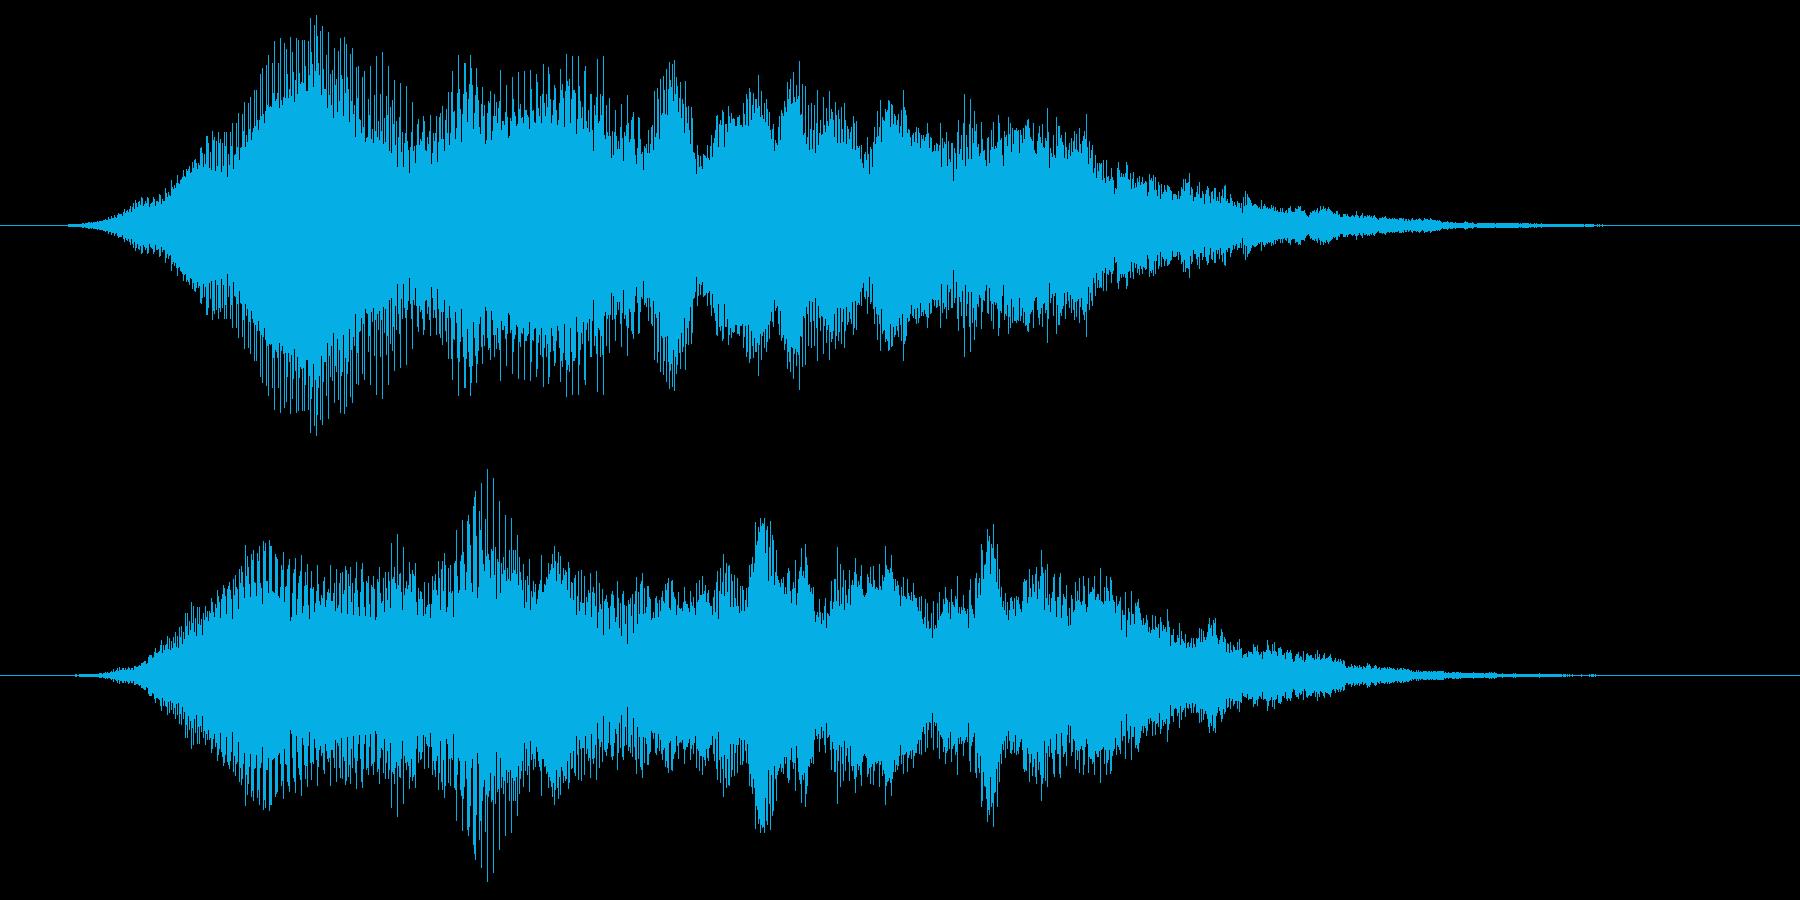 キラキラしたシンセ音によるサウンドロゴの再生済みの波形